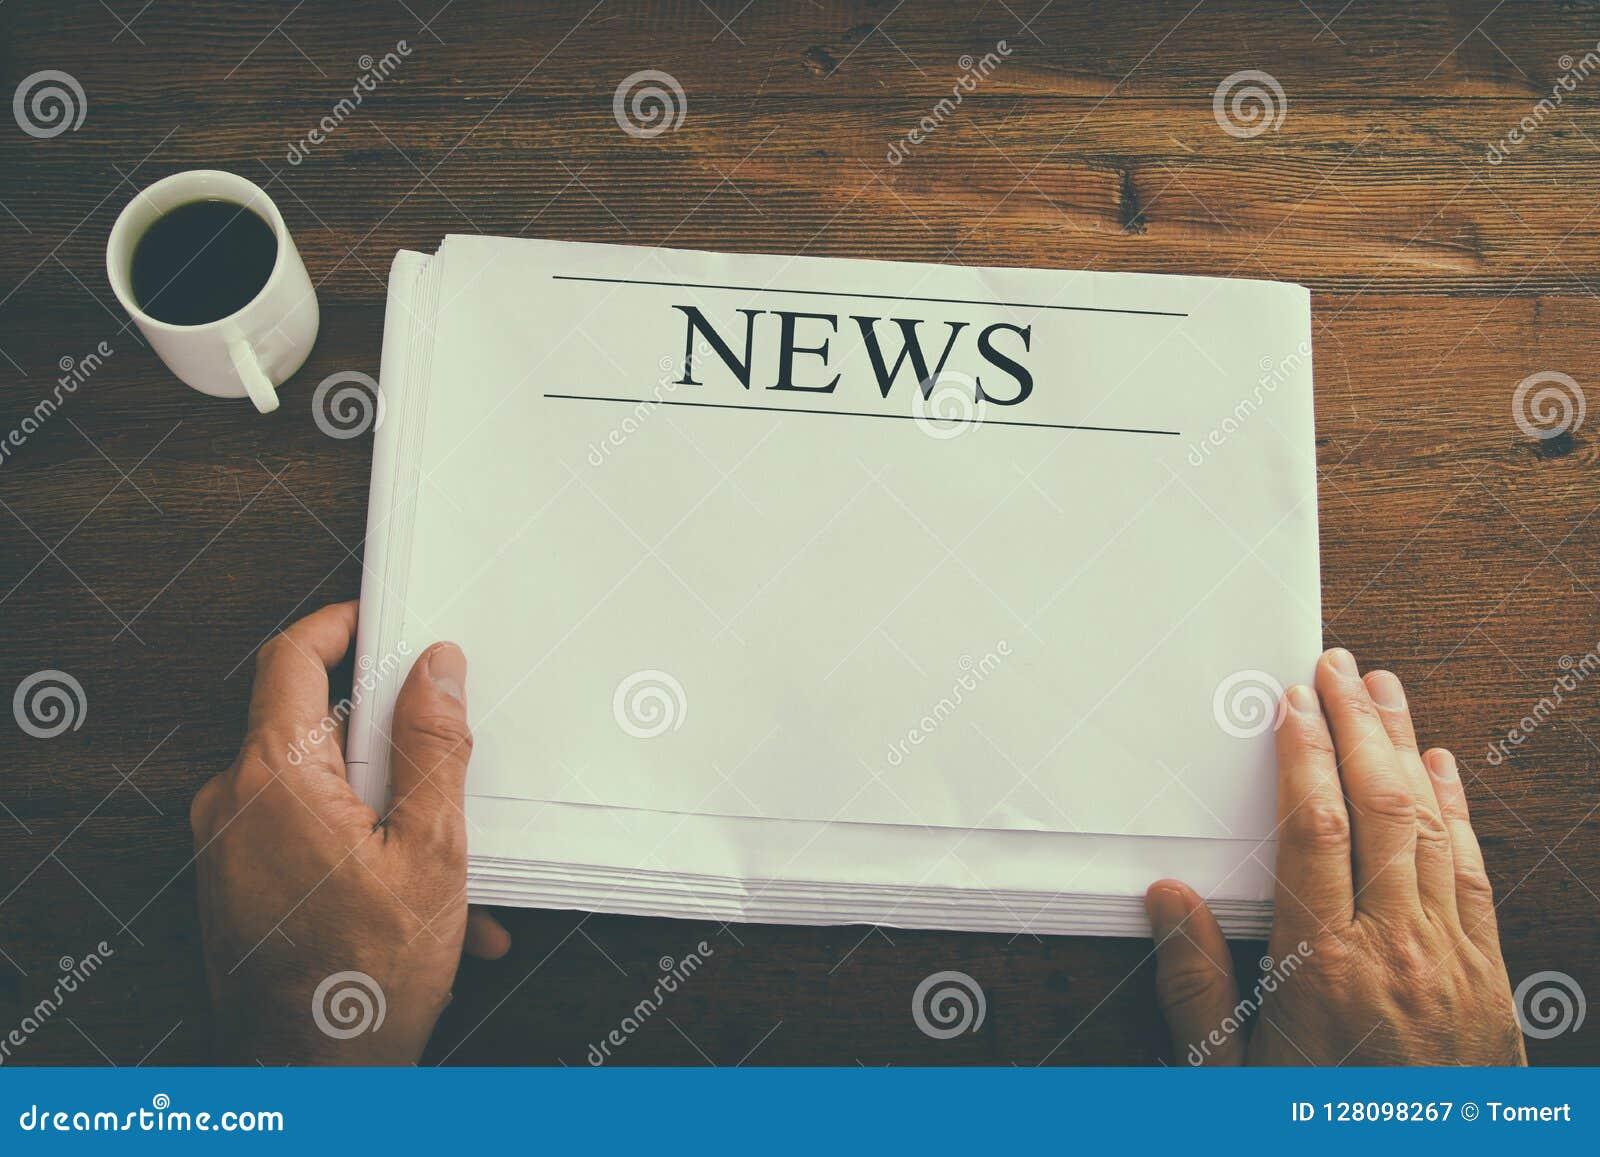 Draufsichtbild der männlichen Hand leere Zeitung mit leerem Raum halten, um Nachrichten oder Text zu addieren Retro- Art-Bild